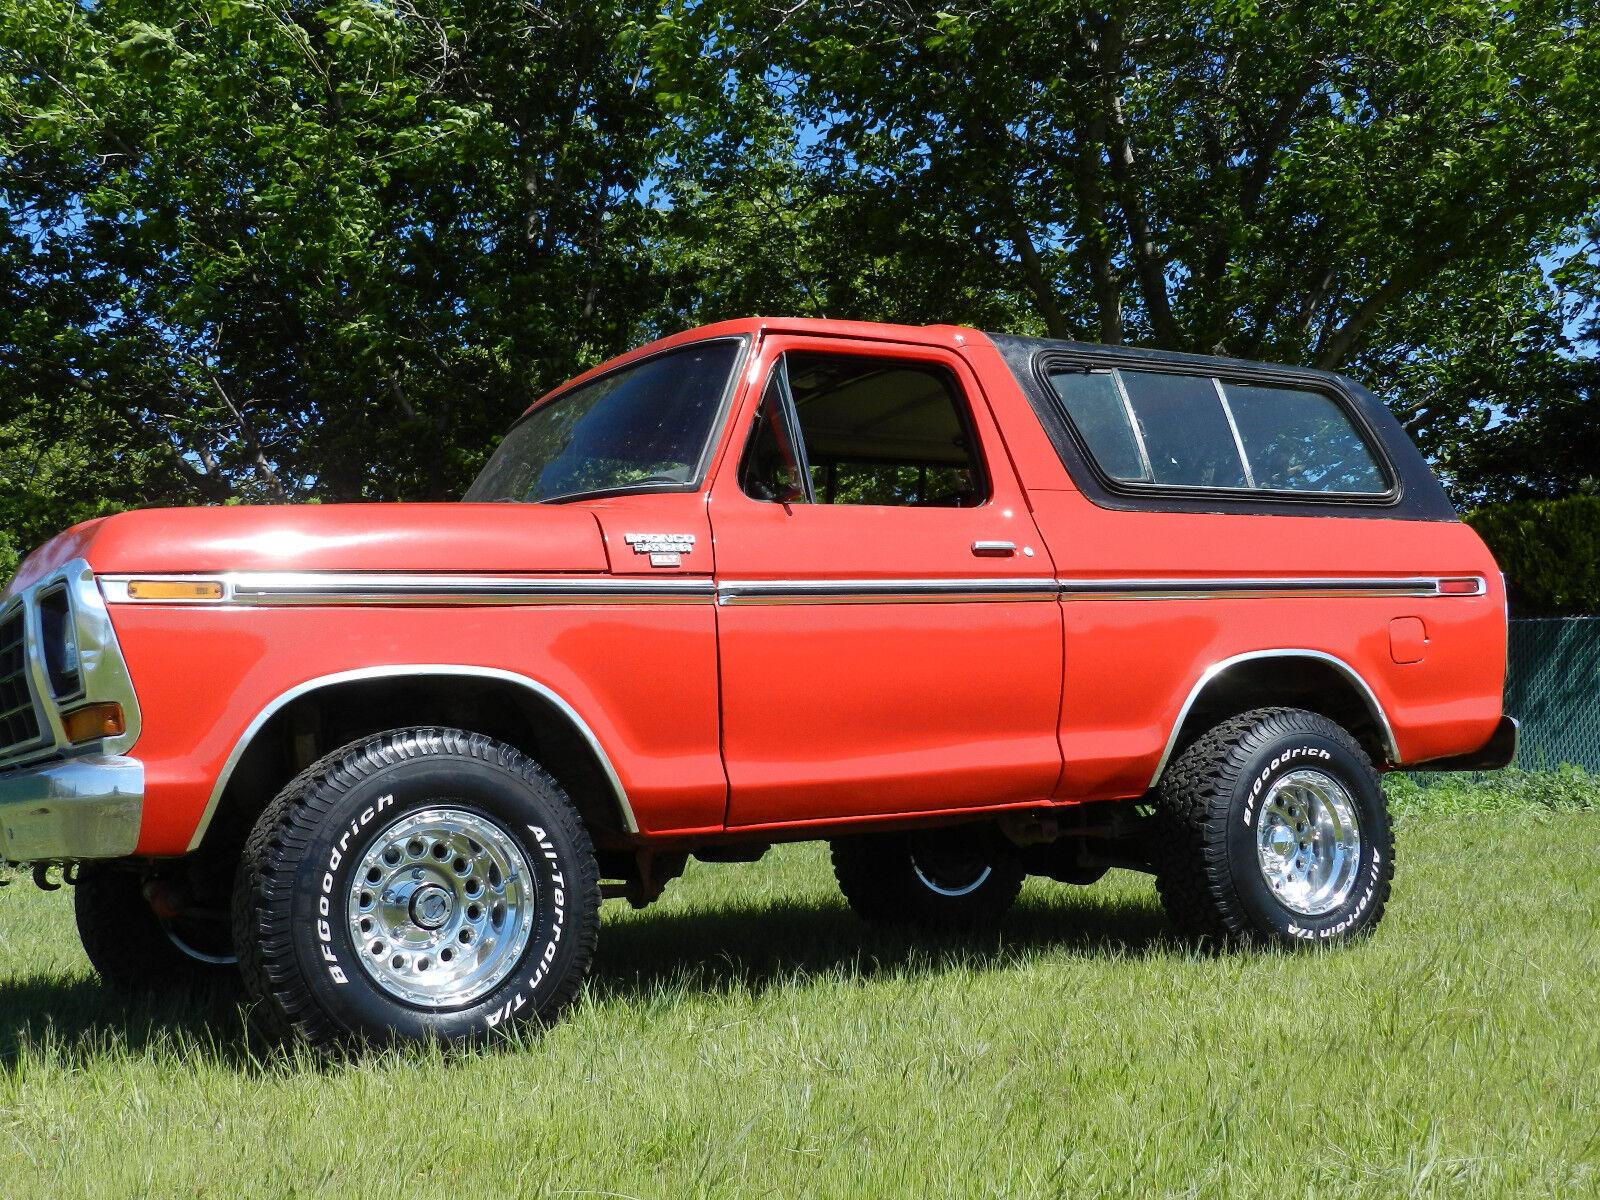 1979 Ford Bronco Ranger xlt 1979 Ford Bronco Ranger XLT 4x4 red on black classic rare collector suv auto